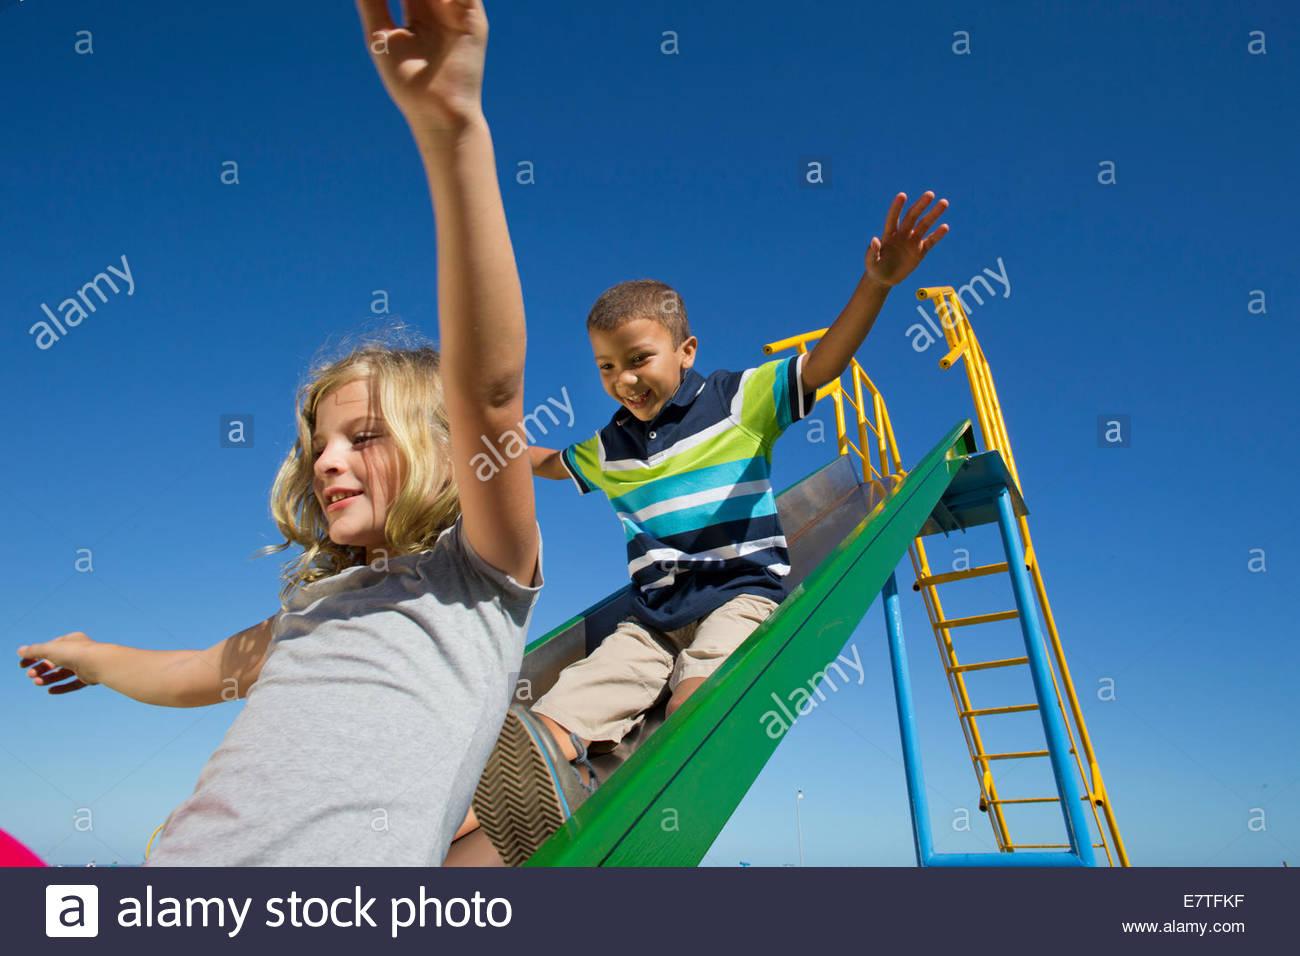 Smiling children sliding on slide Stock Photo